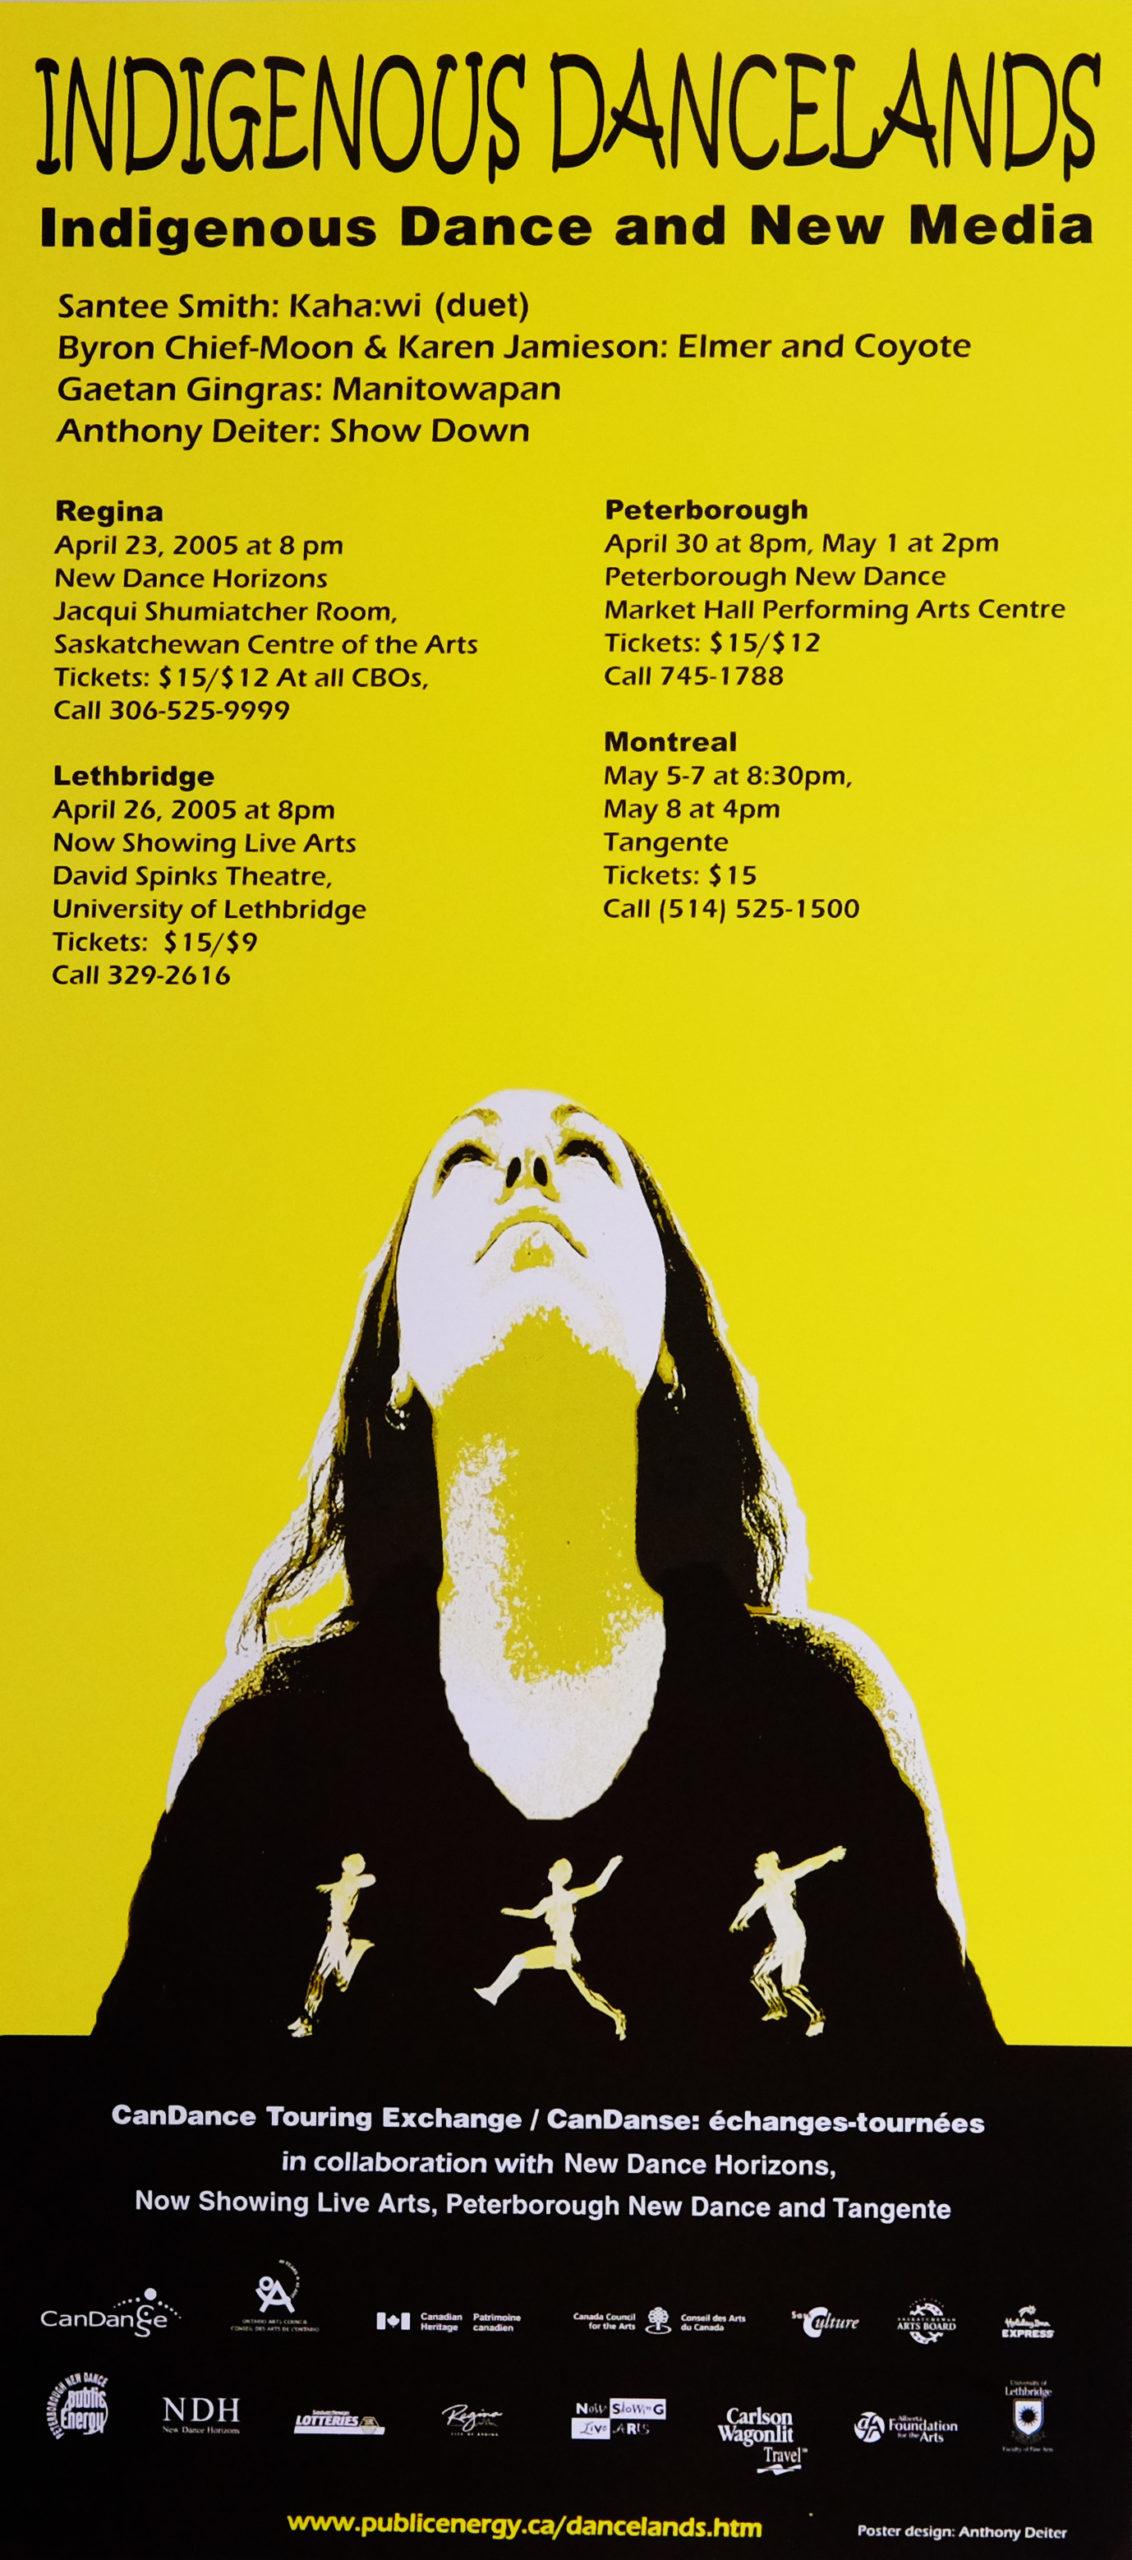 Poster for Indigenous Dancelands